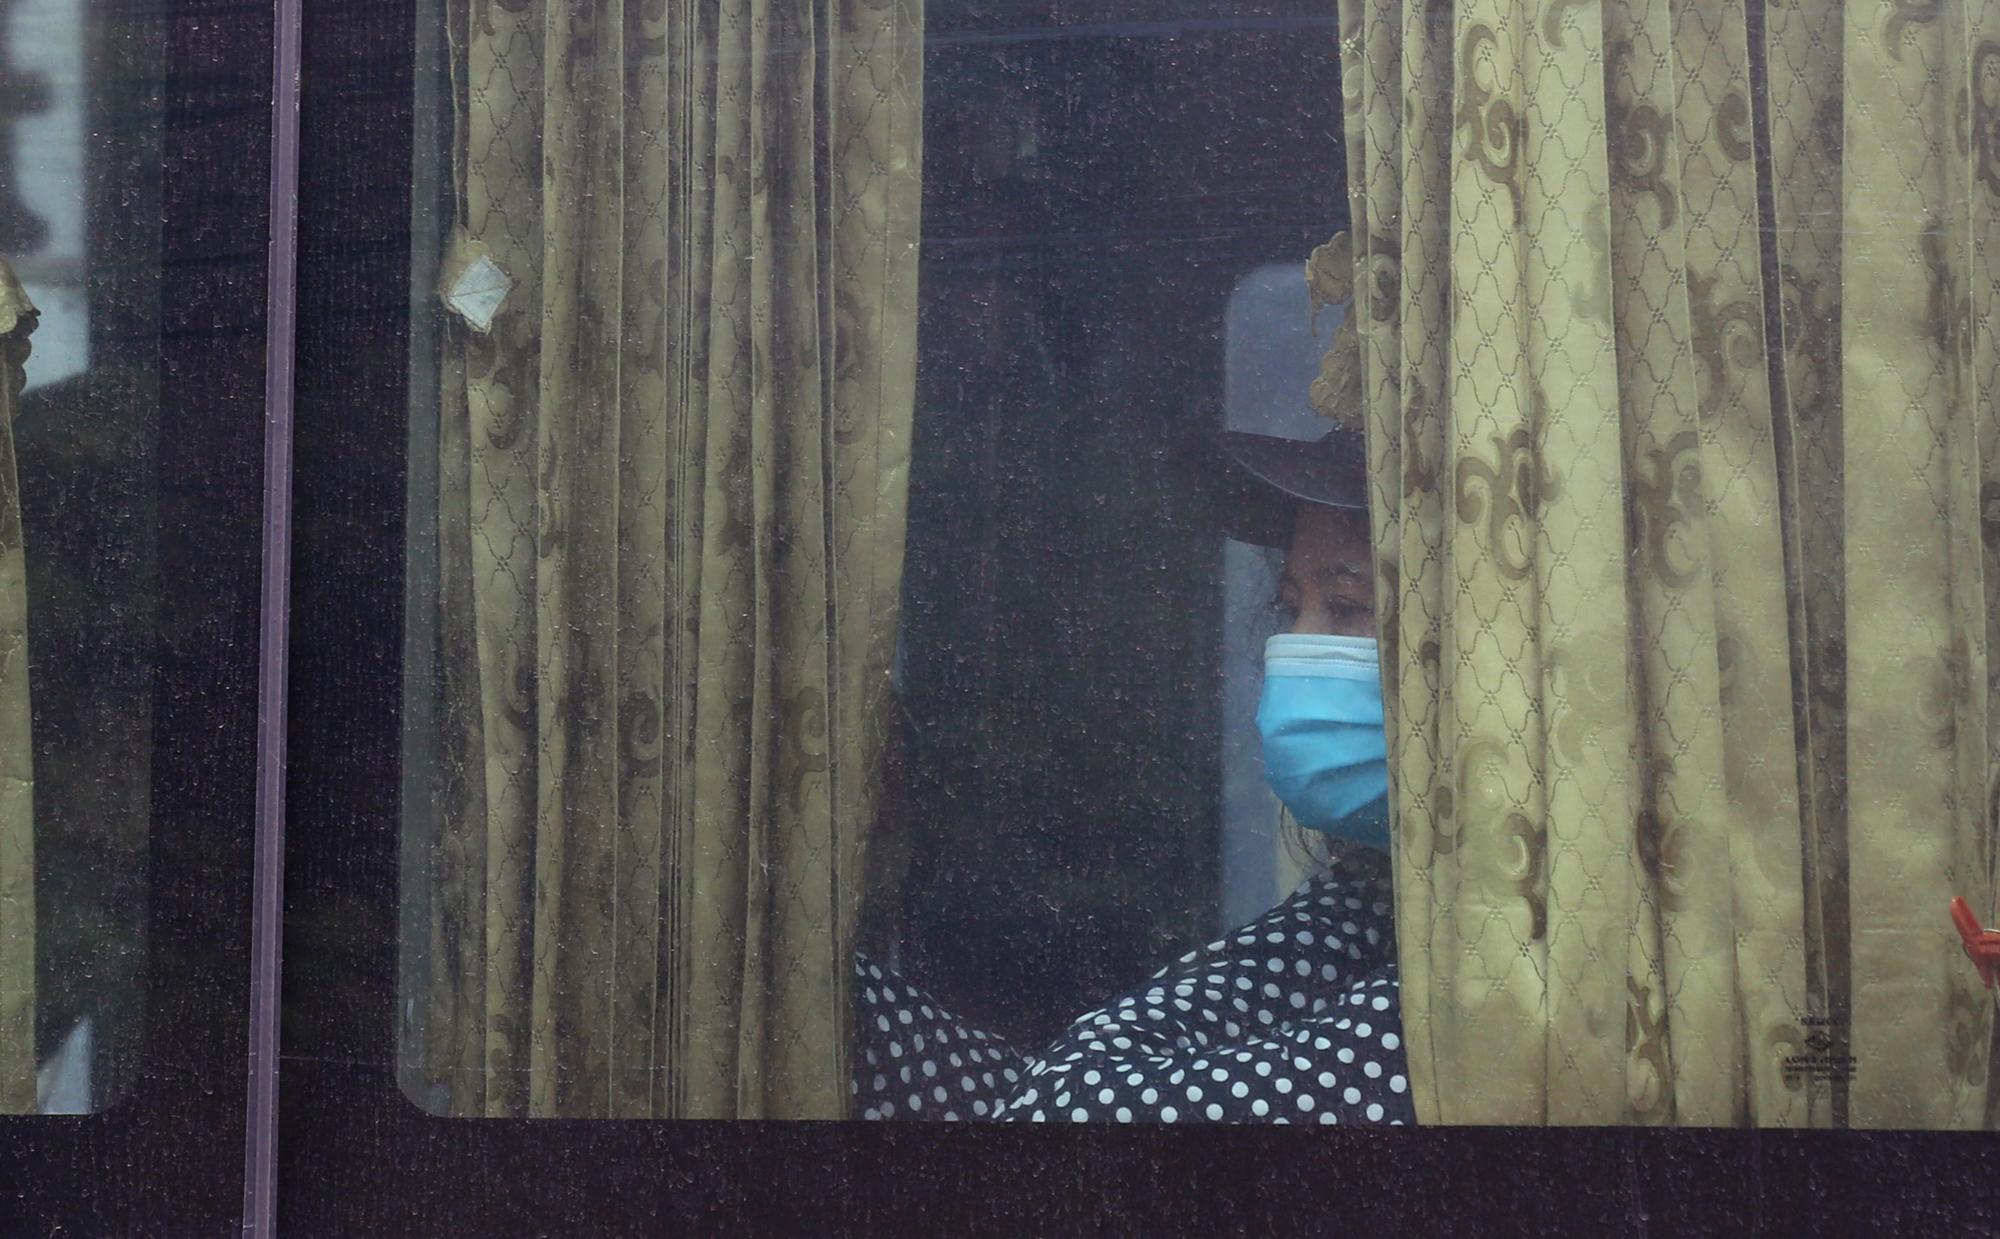 Vận tải khách trở lại bình thường, bến xe ở Hà Nội vẫn vắng vẻ - Ảnh 9.